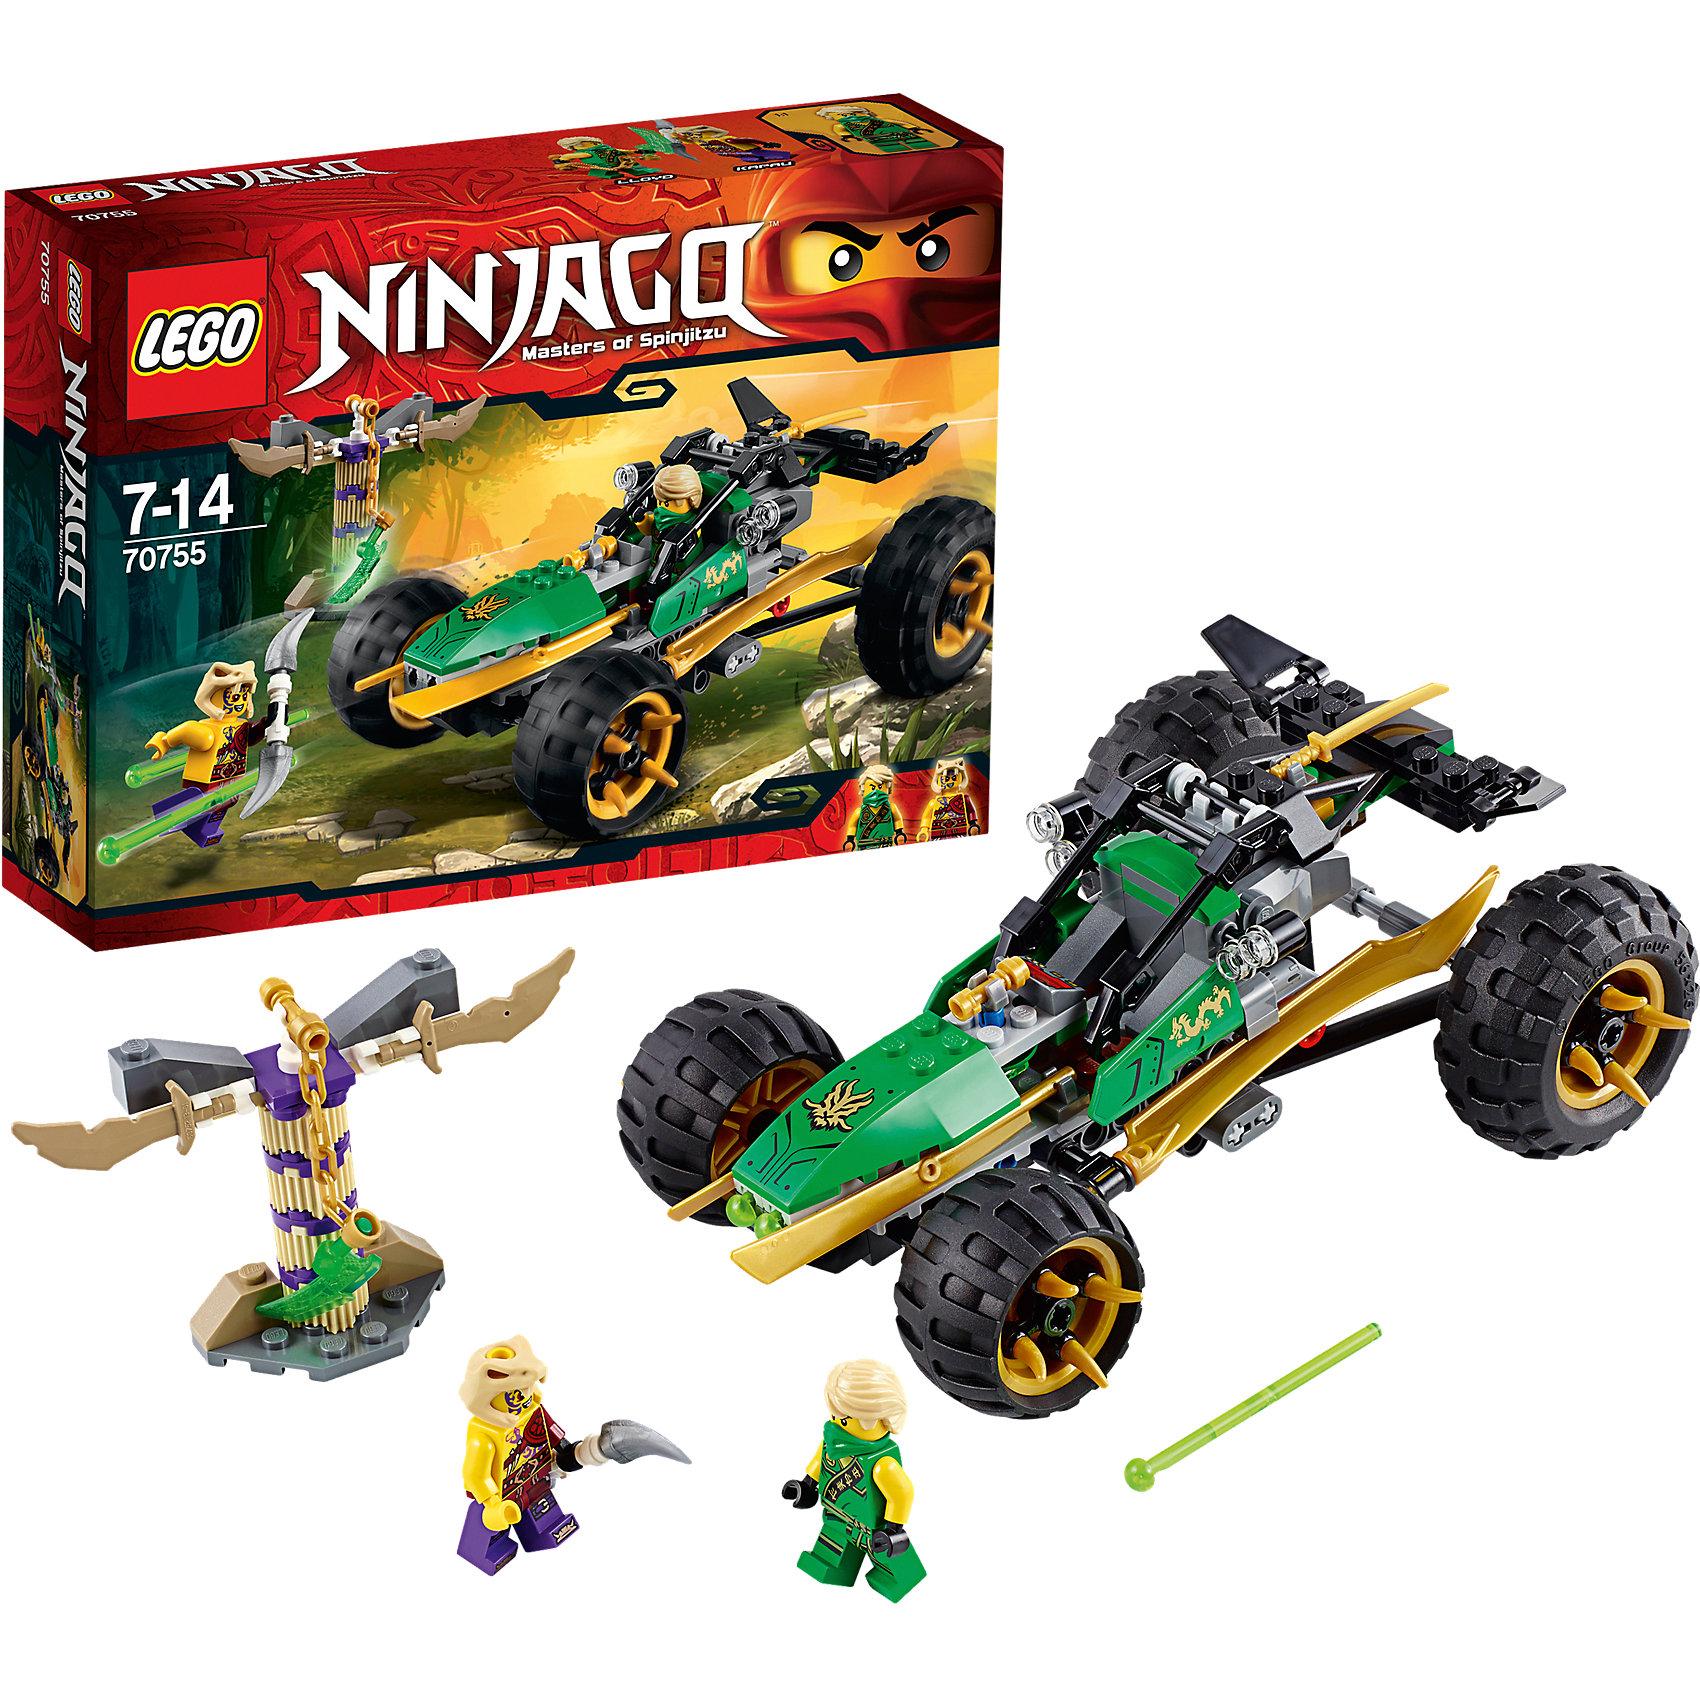 LEGO Ninjago 70755: Тропический багги Зеленого ниндзяПомоги Ллойду построить супер-багги и сразиться со злодеем Капау, который похитил нефритовое лезвие! Багги на мощных колесах с рифлеными шинами проедет по самым непроходимым джунглям. Машина оснащена ракетницей и длинными острыми лезвиями спереди. <br><br>LEGO Ninjago (ЛЕГО Ниндзяго) - серия детских конструкторов ЛЕГО, рассказывающая о приключениях четырех отважных ниндзя и их сенсея, о противостоянии злу и победе добра.  <br><br>Дополнительная информация:<br><br>- Конструкторы ЛЕГО развивают усидчивость, внимание, фантазию и мелкую моторику.<br>- Комплектация: 2 минифигурки, оружие, багги, каменный столб, нефритовое лезвие. <br>- В комплекте 2 минифигурки: Ллойд, Капау.<br>- Ракетница с функцией стрельбы.<br>- Количество деталей: 188<br>- Серия ЛЕГО Ниндзяго (LEGO Ninjago)<br>- Материал: пластик.<br>- Размер багги: 7х19х14 см.<br>- Размер упаковки: 19х6,1х26см.<br>- Вес:  0,45кг.<br><br>LEGO Ninjago (LEGO Ninjago) 70755: Тропический багги Зеленого ниндзя можно купить в нашем магазине.<br><br>Ширина мм: 264<br>Глубина мм: 192<br>Высота мм: 66<br>Вес г: 324<br>Возраст от месяцев: 84<br>Возраст до месяцев: 168<br>Пол: Мужской<br>Возраст: Детский<br>SKU: 3786197